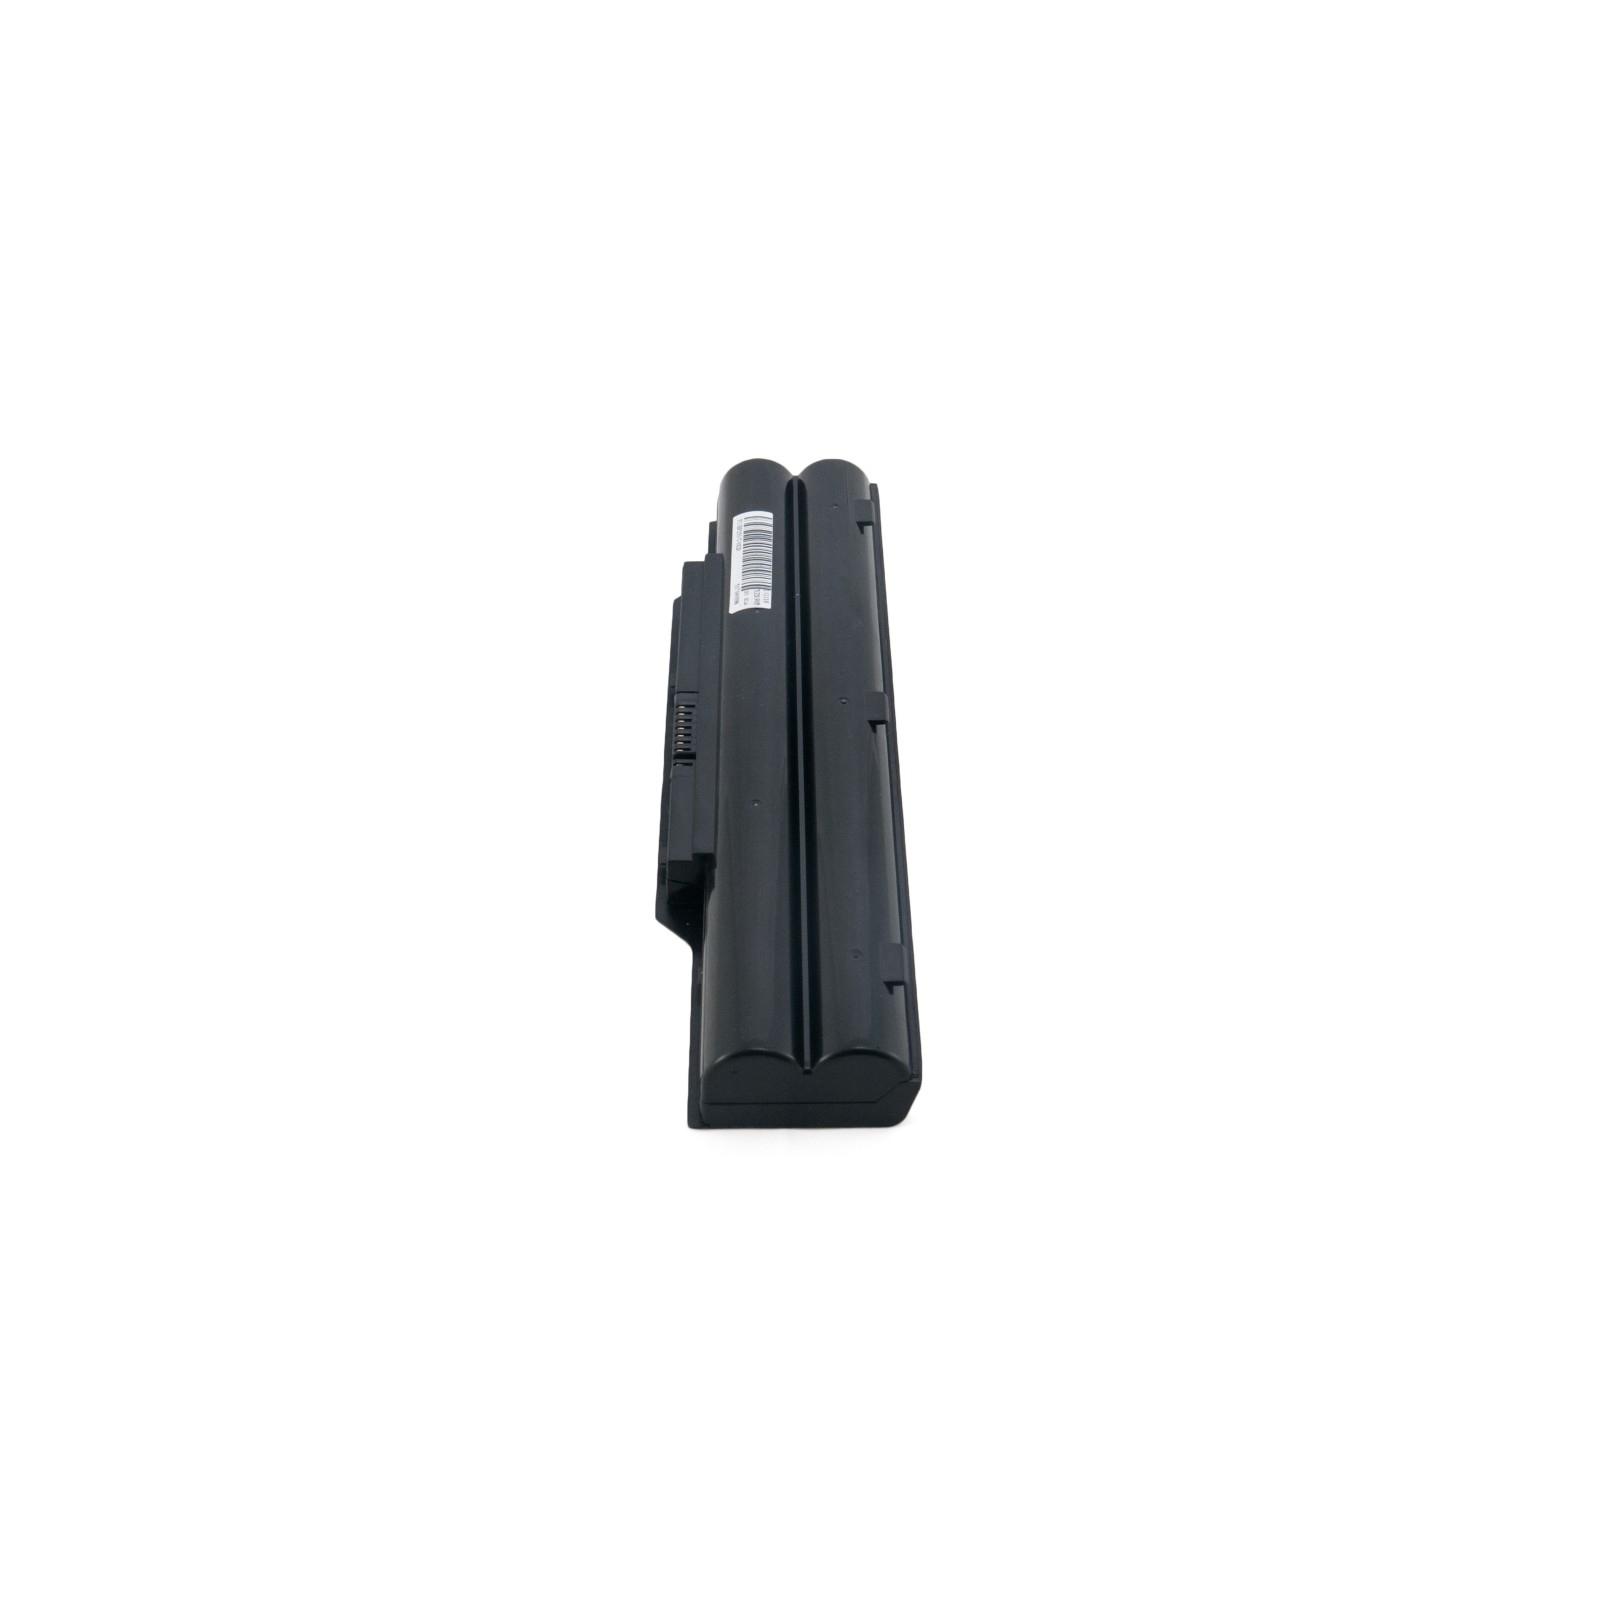 Аккумулятор для ноутбука Fujitsu LifeBook (FPCBP250) 5200 mAh, 56 Wh Extradigital (BNF3965) изображение 4